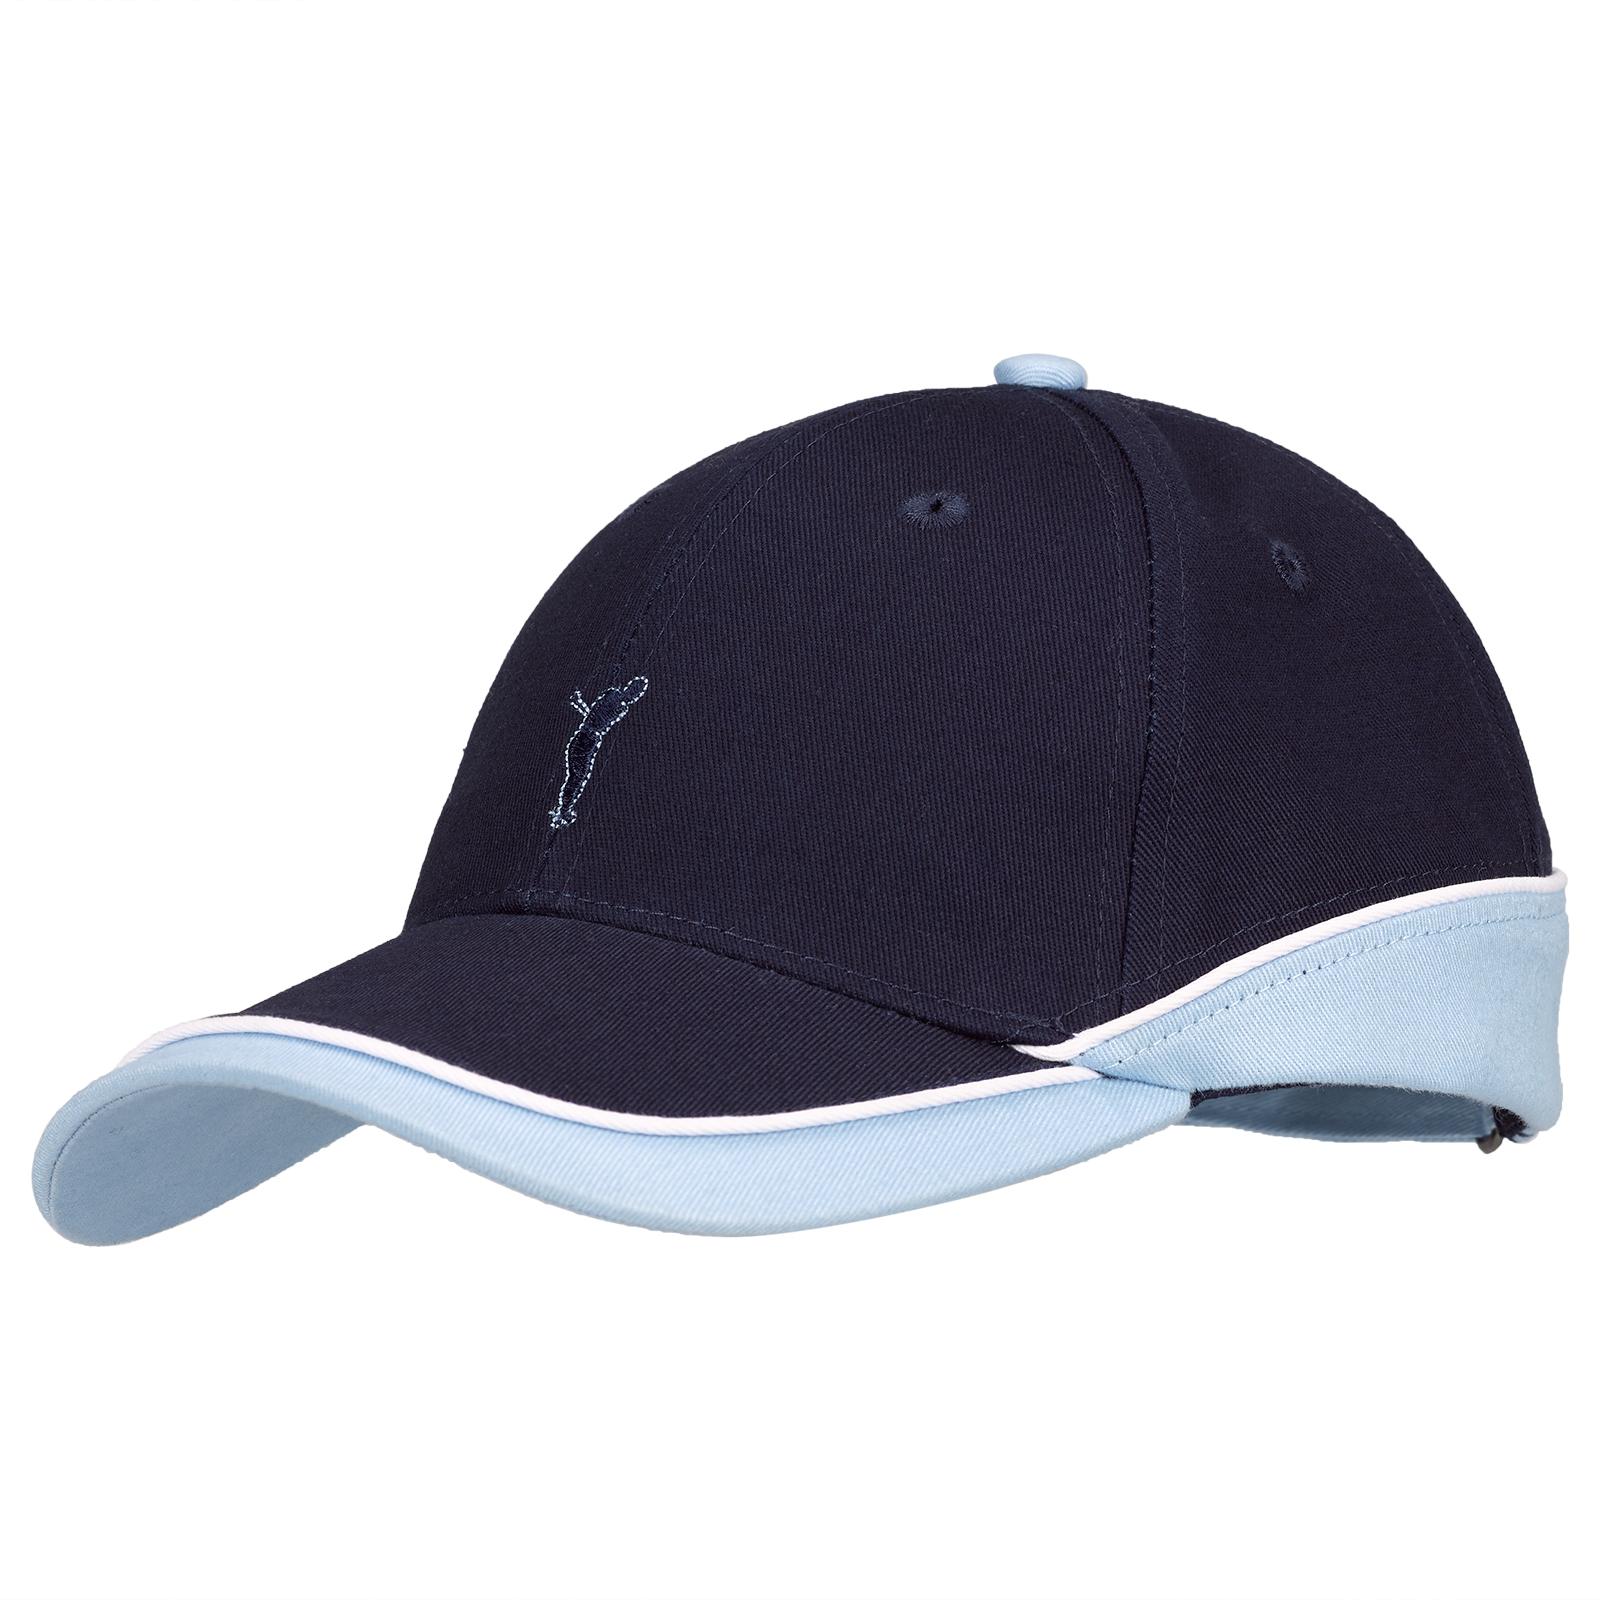 Performance Herren Golfcap aus reiner Baumwolle im Pro-Look